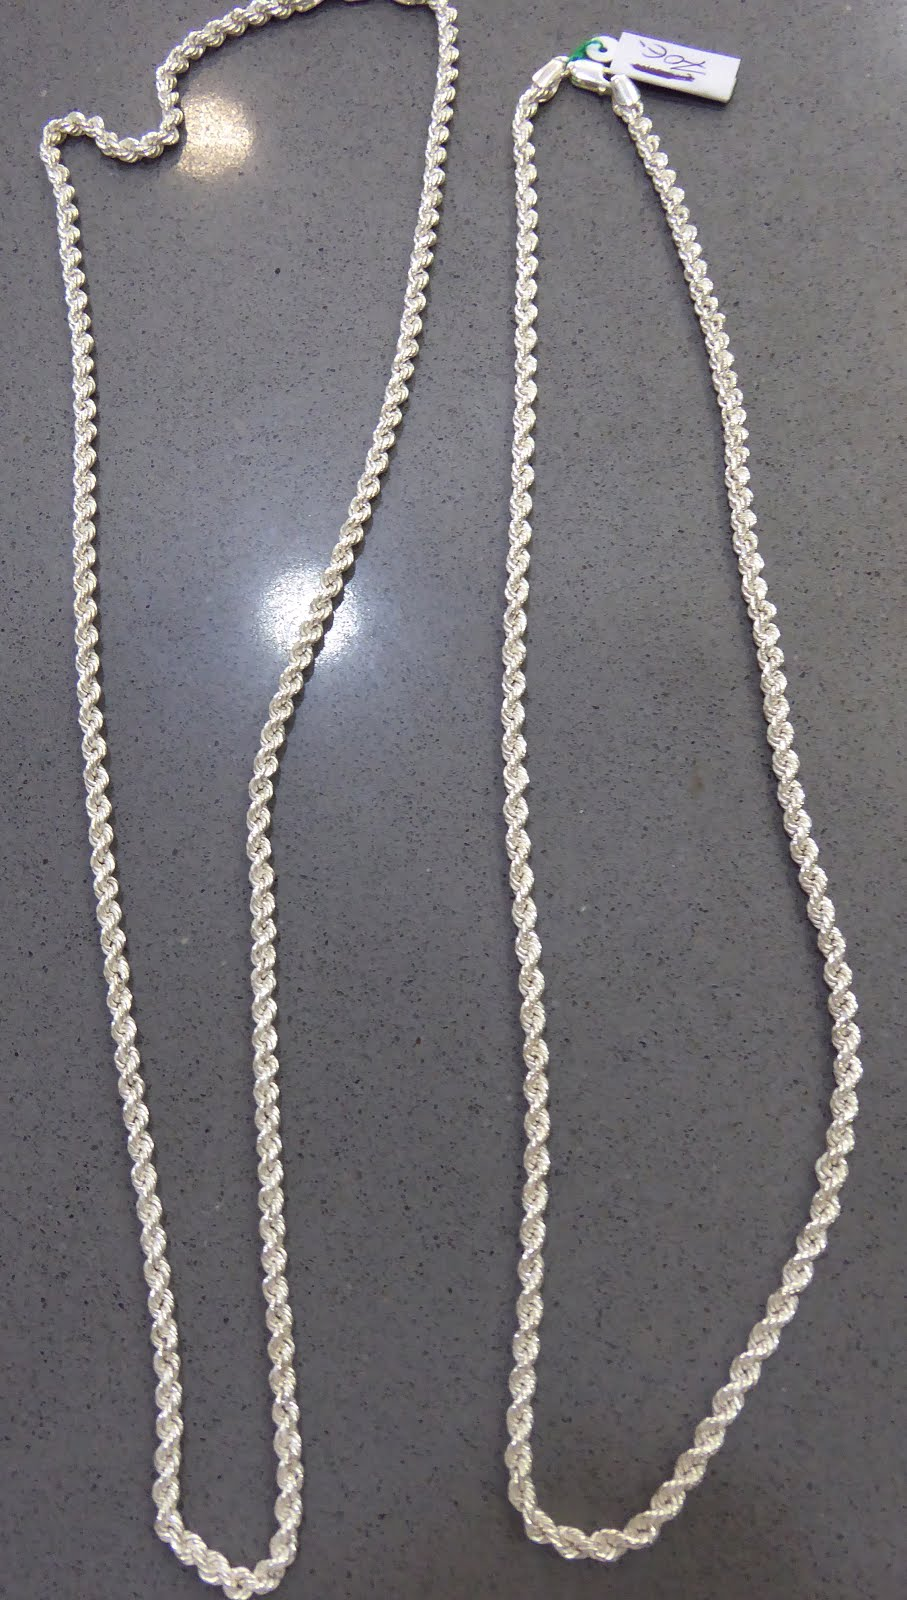 Cadenas tipo cordón